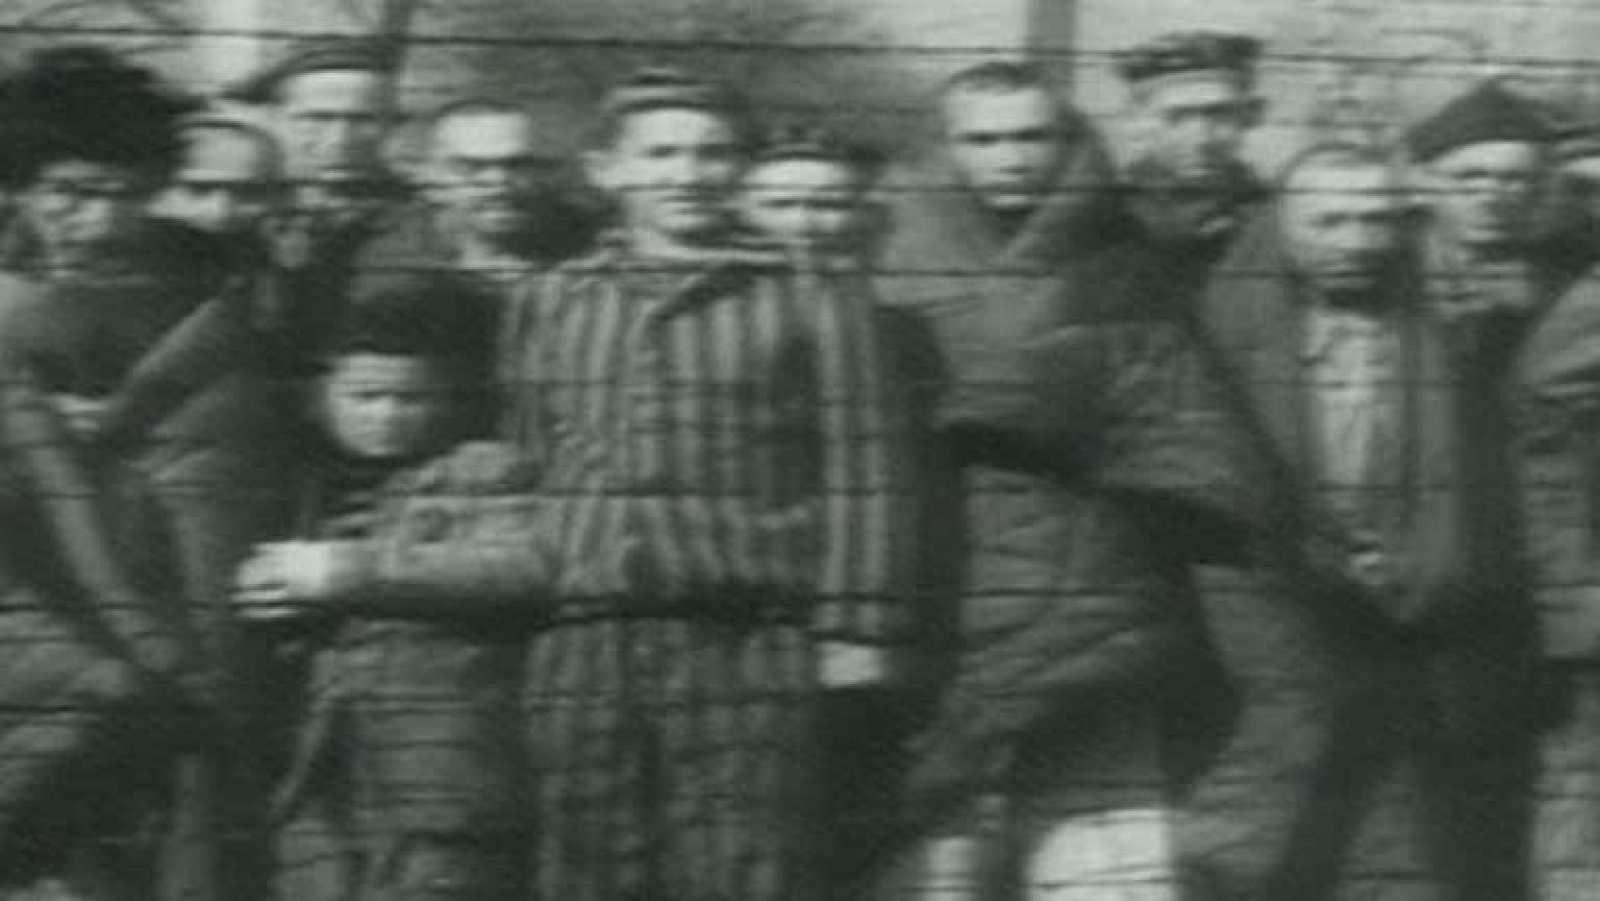 """75 años de una noche que marcó a Europa, la """"Noche de los cristales rotos"""""""